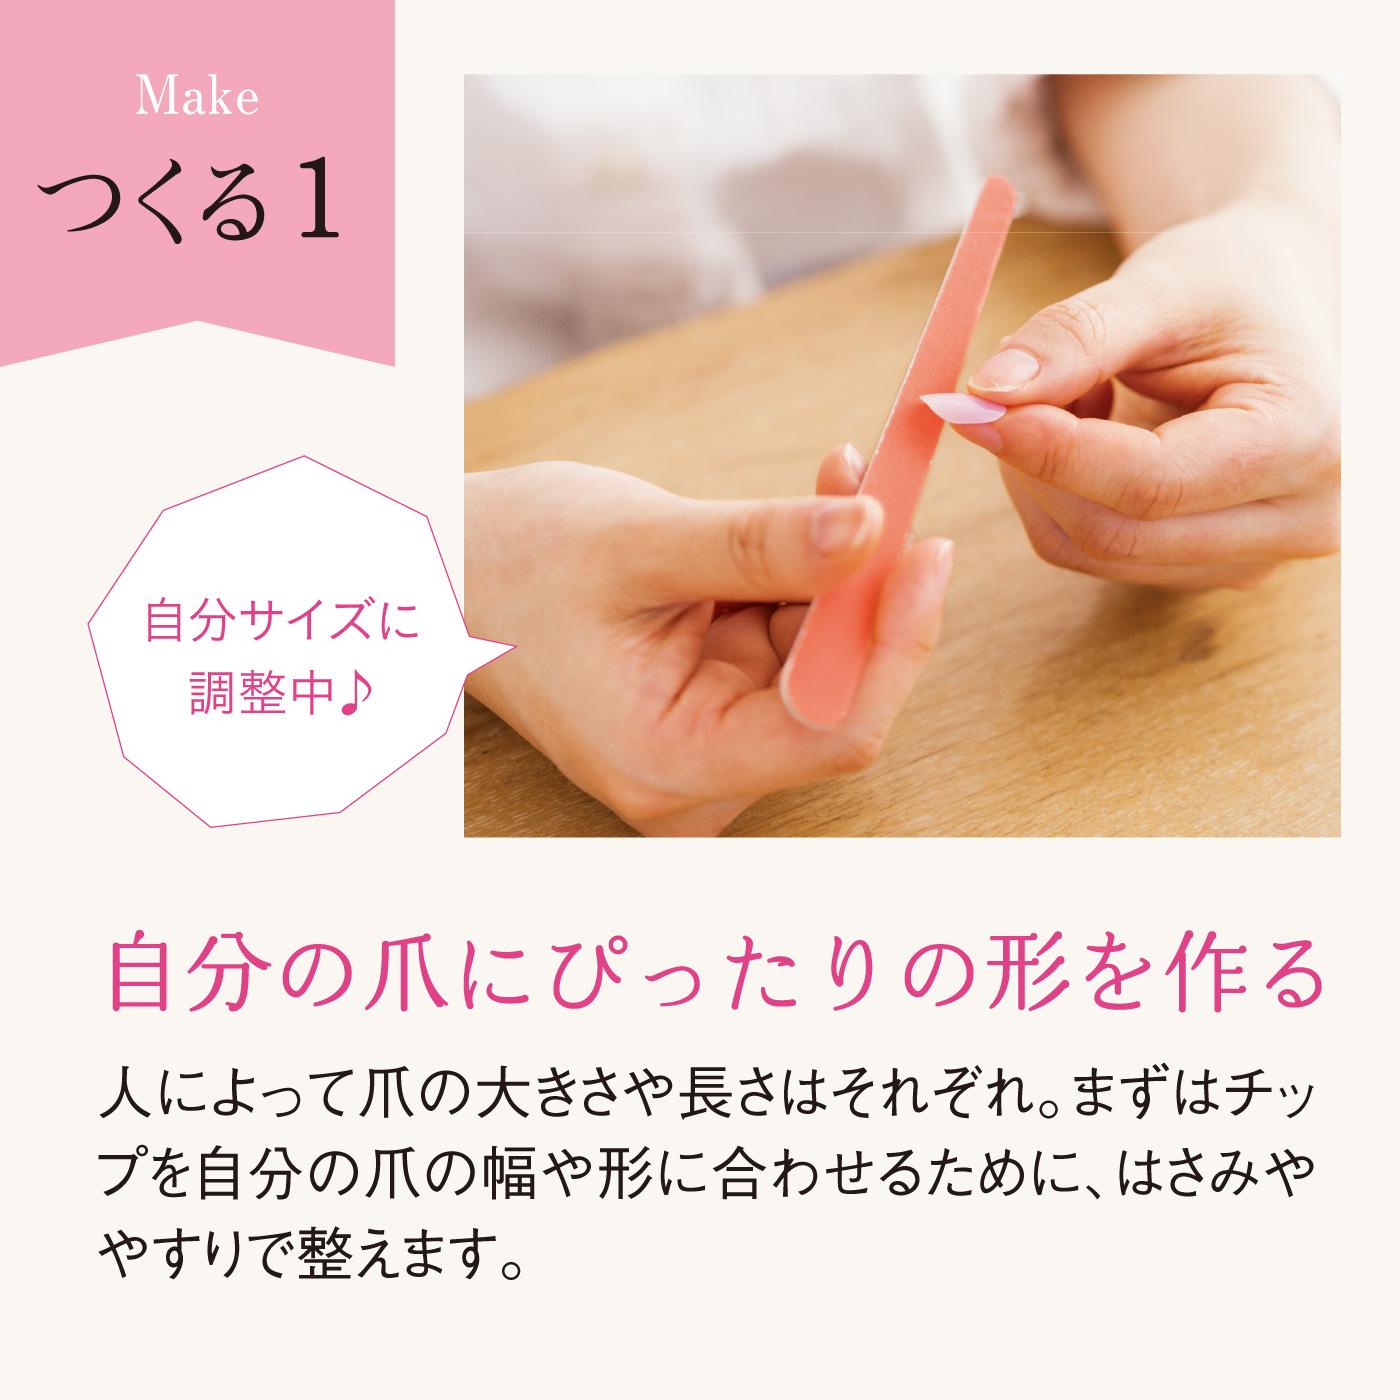 つくる1 自分の爪にぴったりの形を作る。